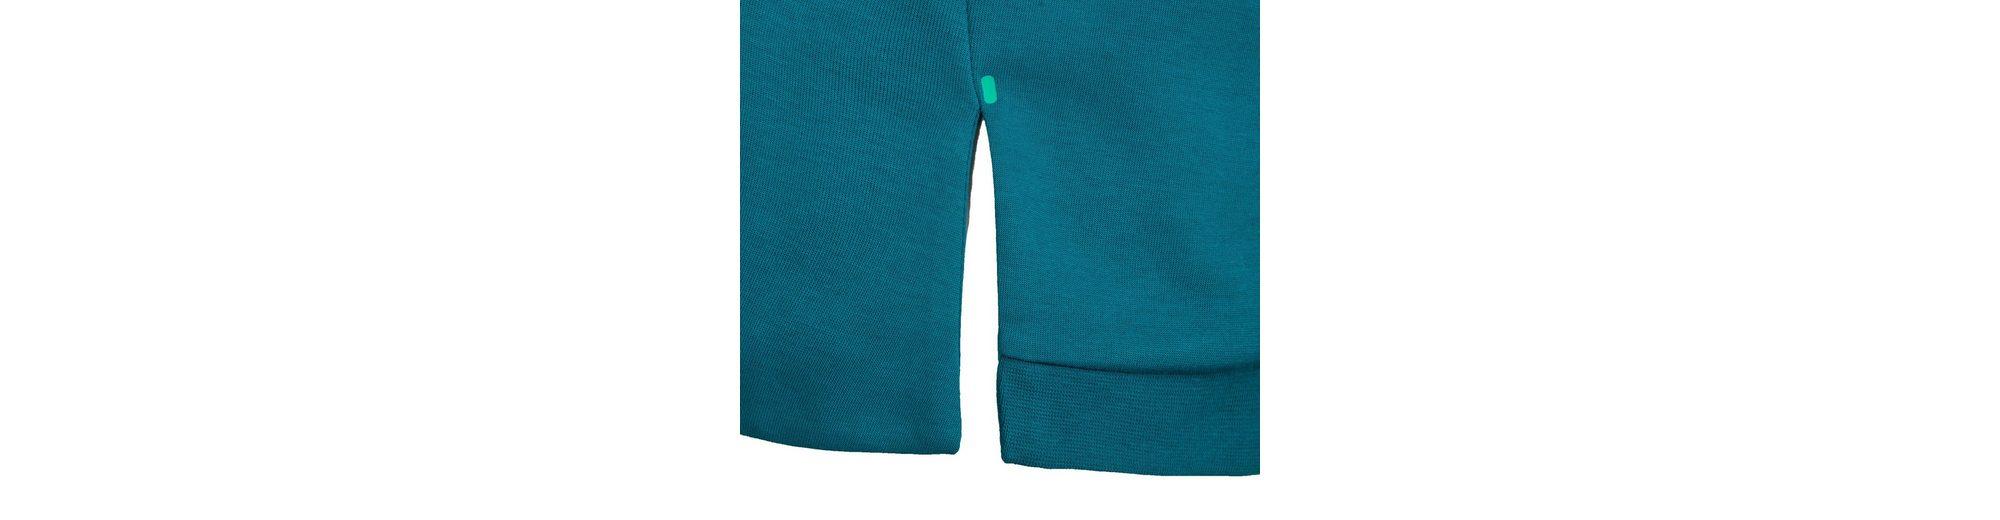 Nike Sportswear Tech Fleece Crew Sweatshirt Damen Mit Paypal Niedrigem Preis Billig Authentisch Auslass Billig Verkauf Mit Paypal 6qGxAS